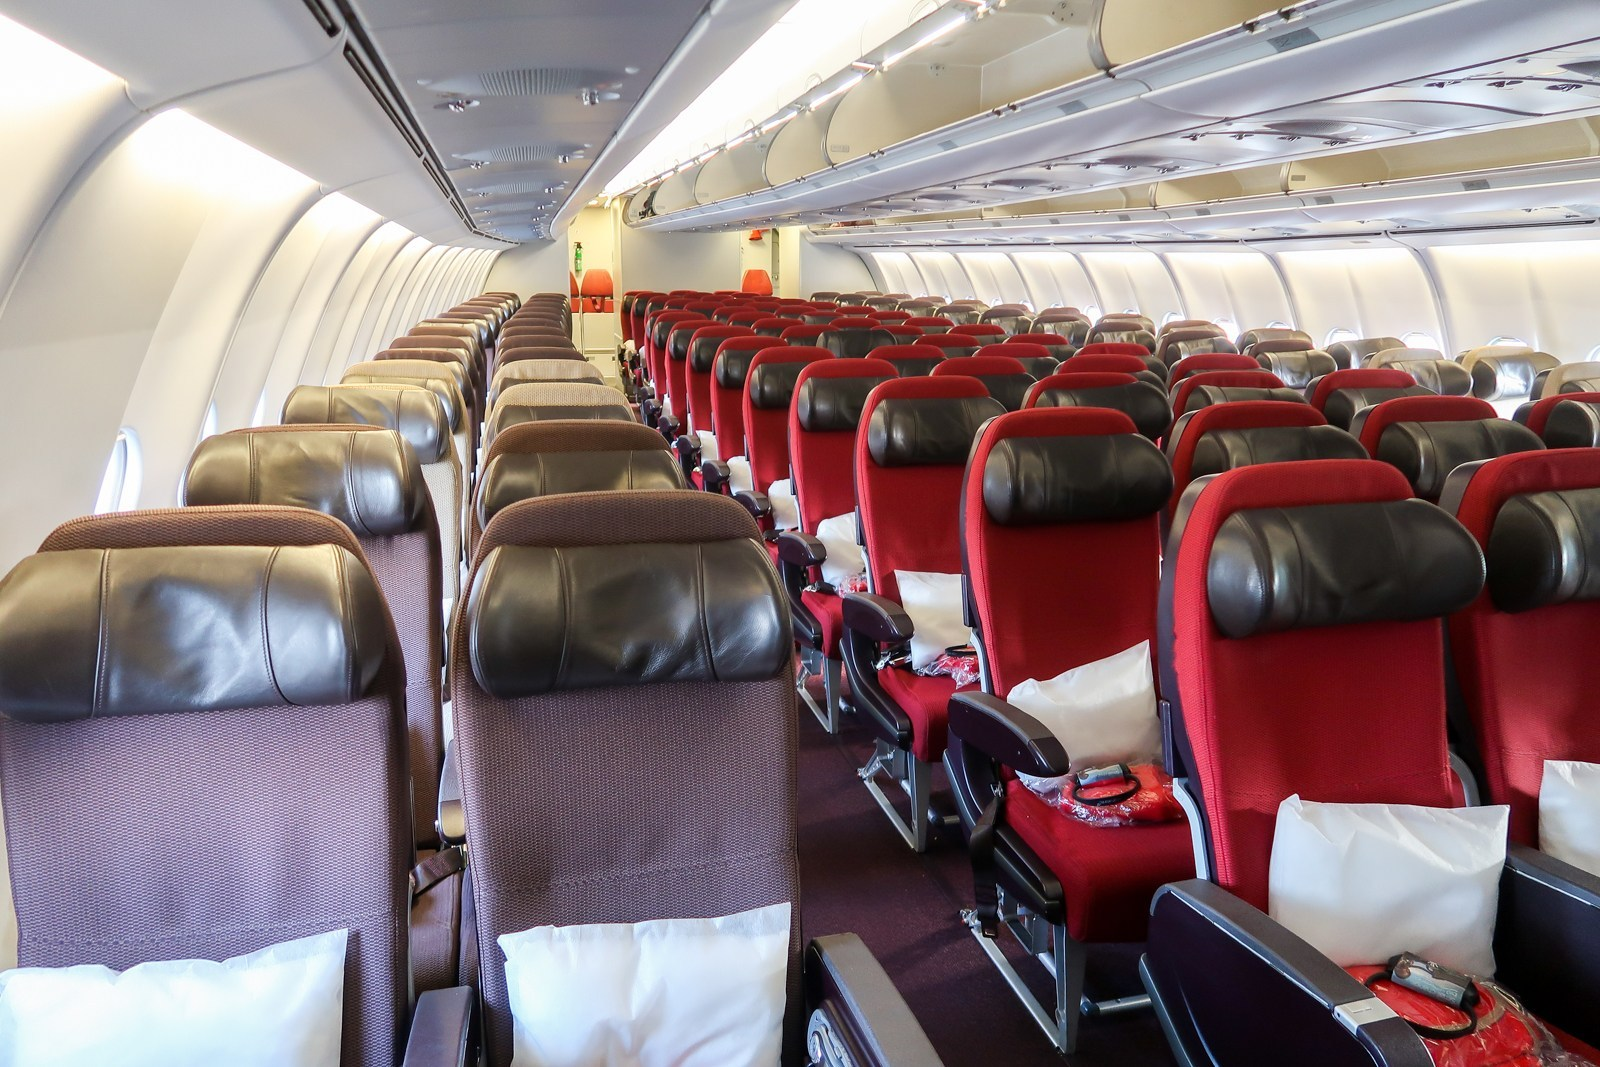 Virgin Atlantic A340-600 Economy Cabin Interior